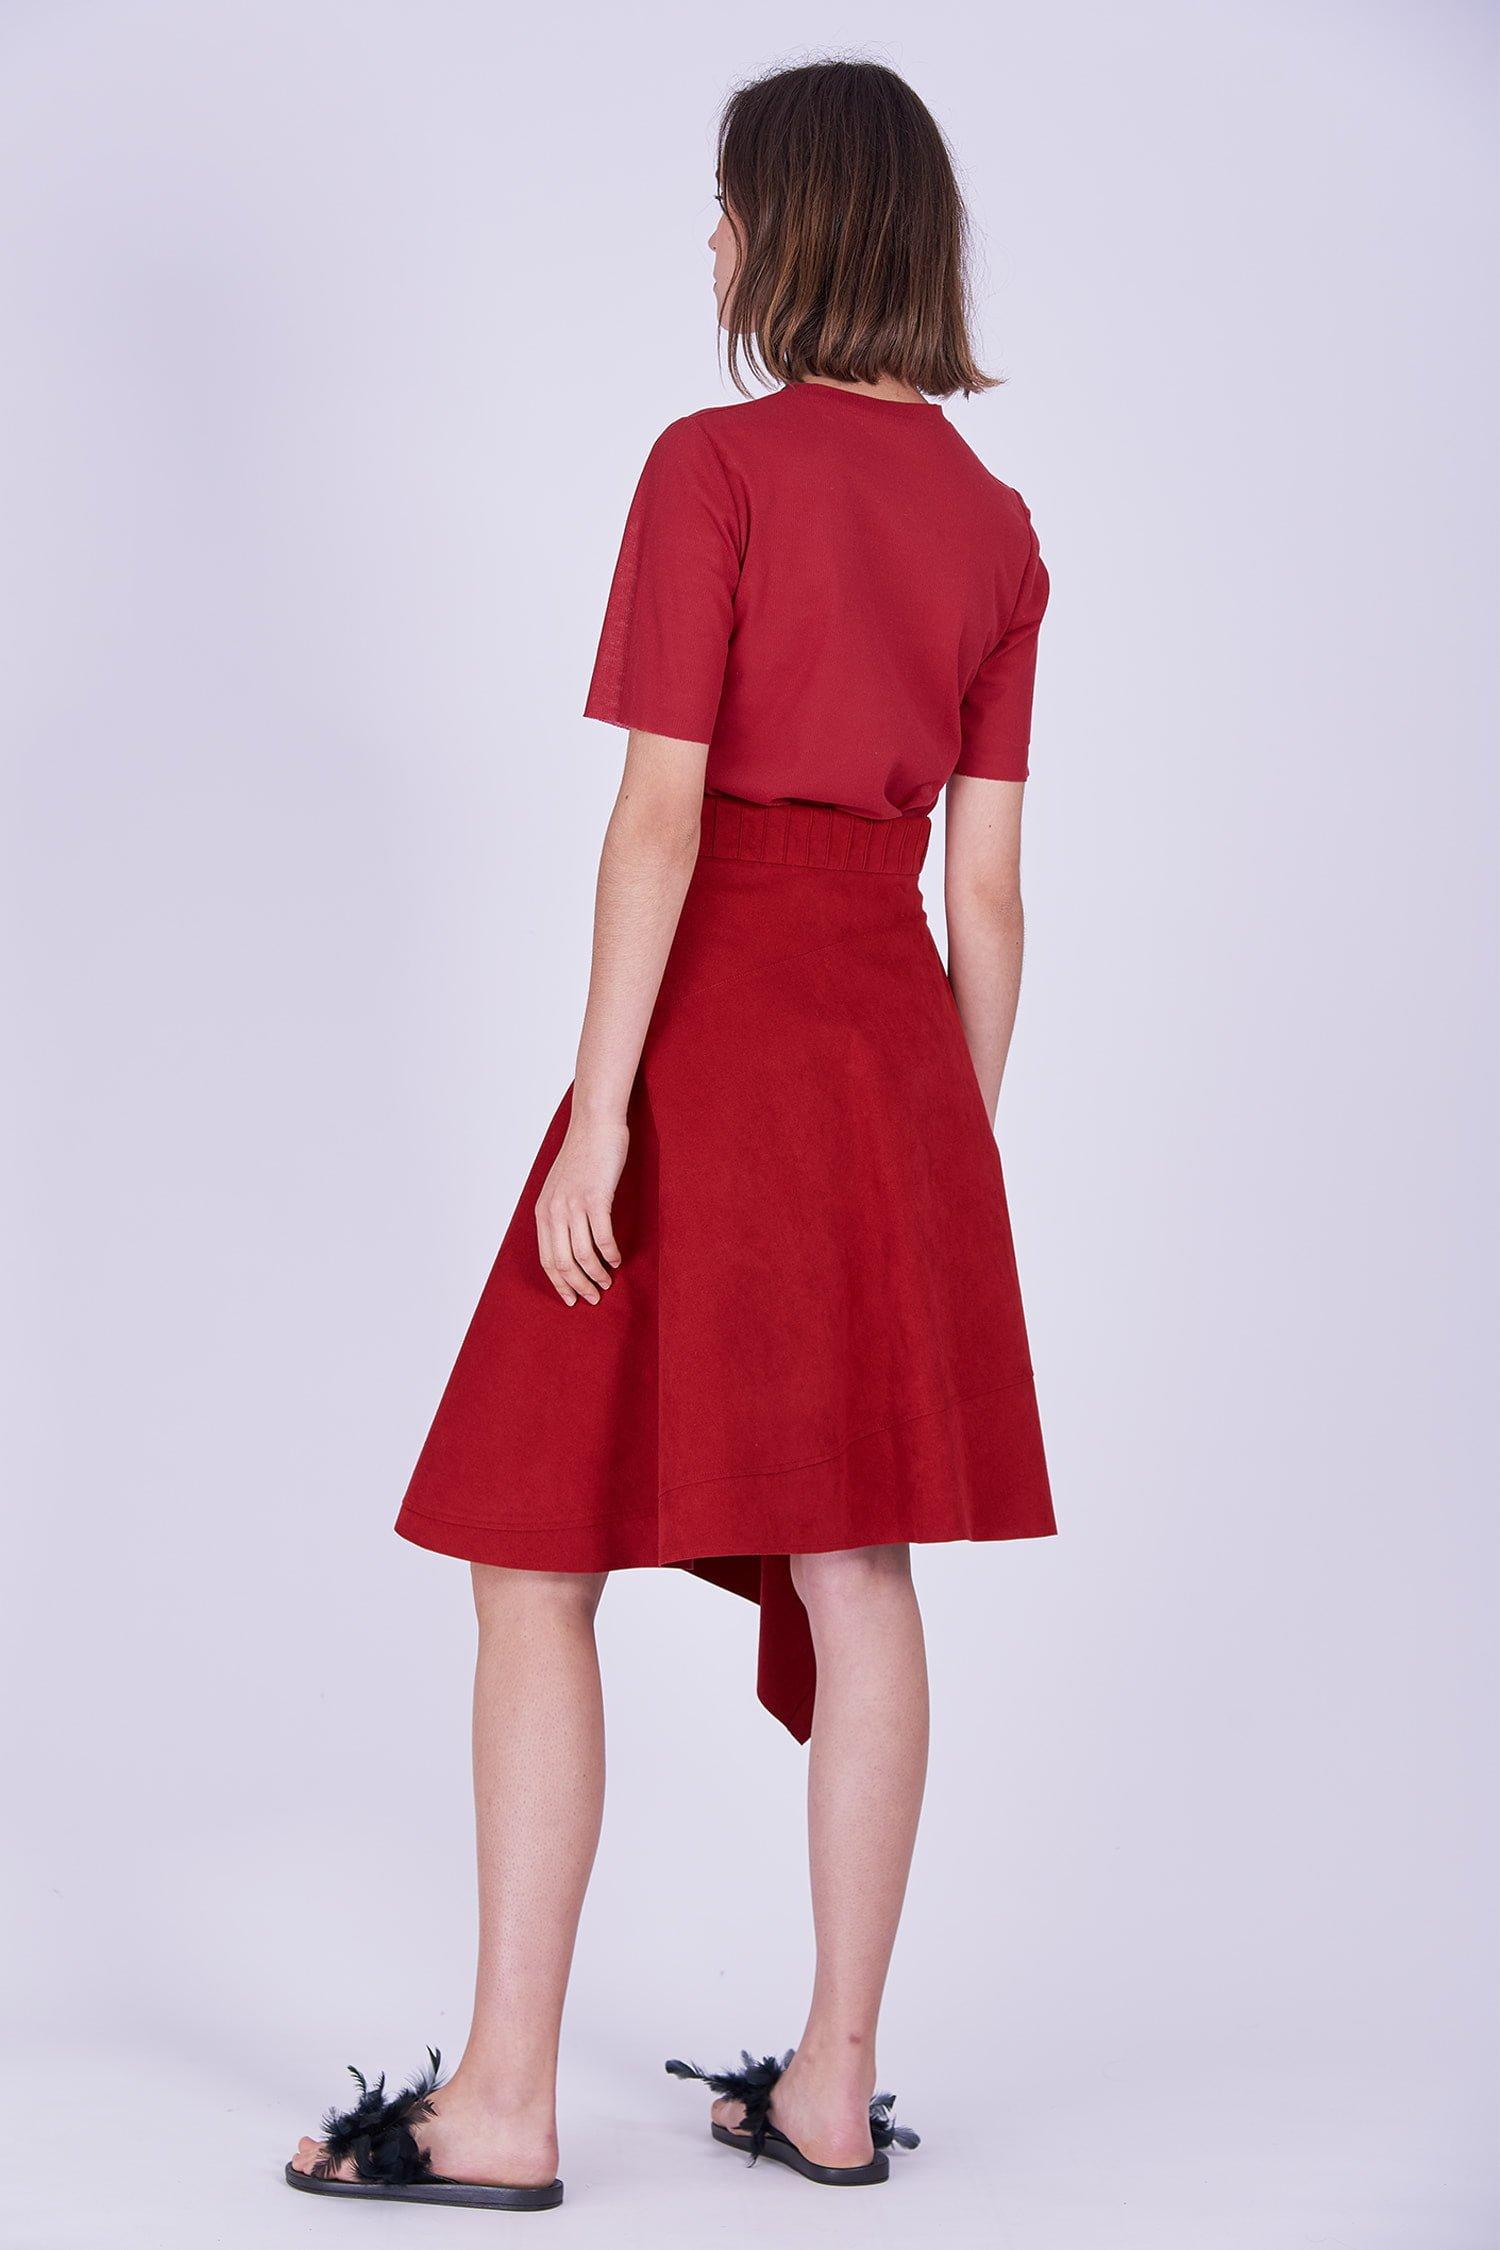 Acephala Ps2020 Red Midi Skirt T Shirt Construction Czerwona Spodnica Konstrukcyjna Czerwony Front Back